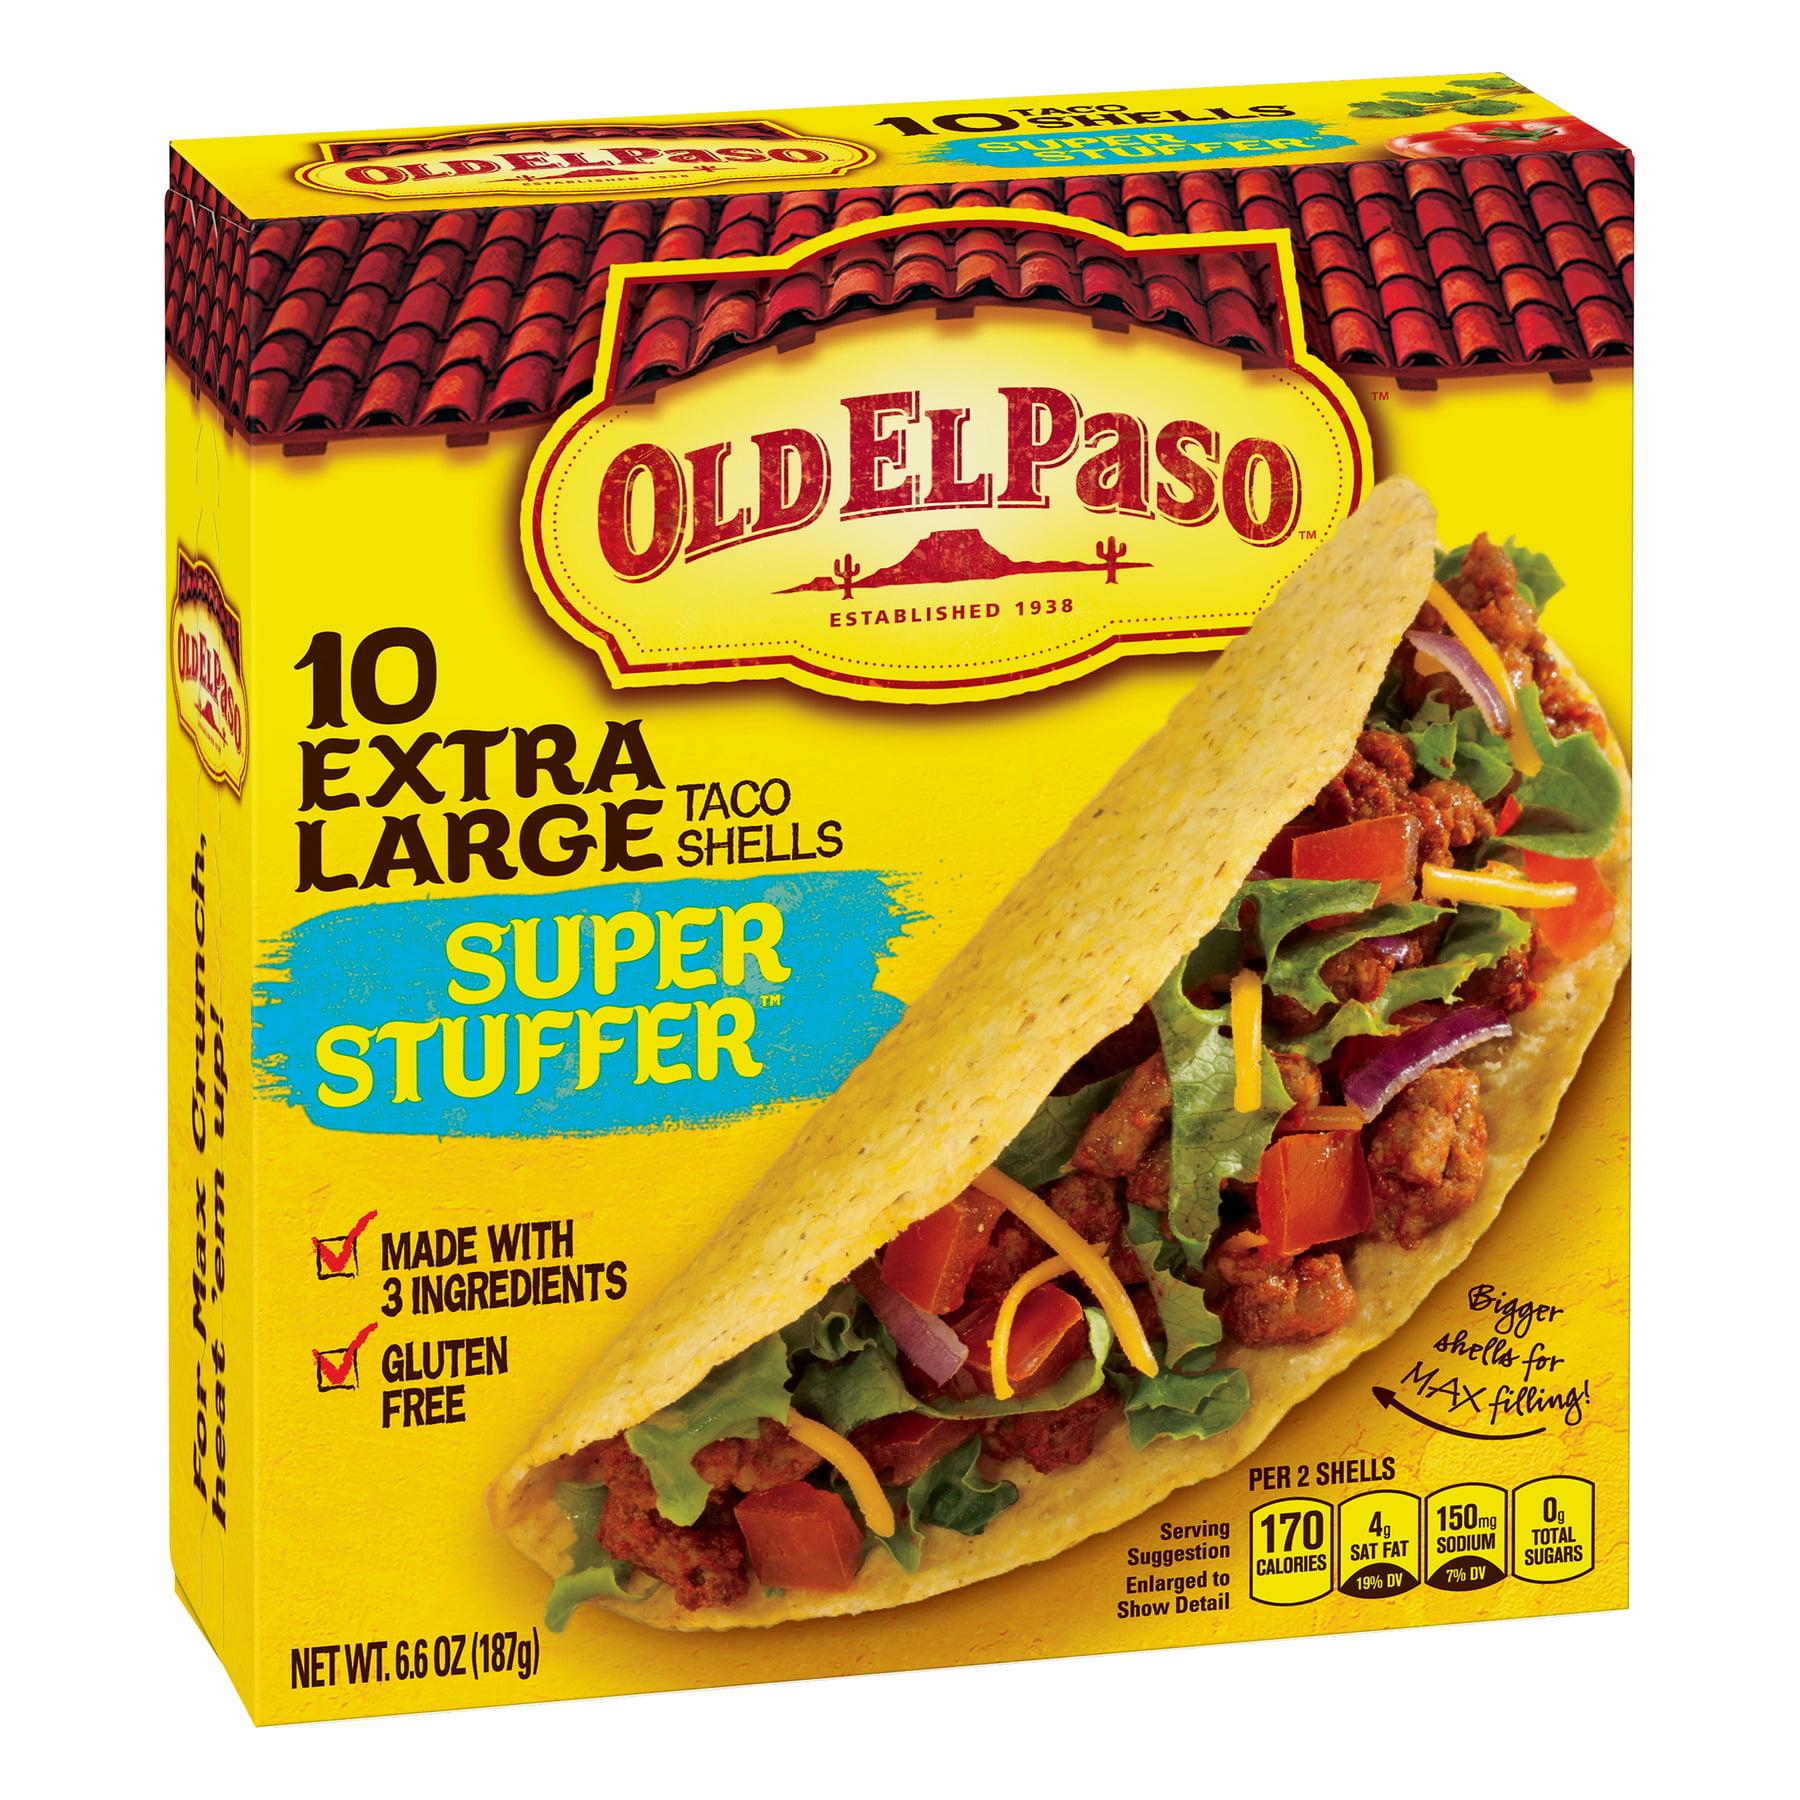 Old El Paso Super Stuffer Shells, 10 Count, 6.6 oz